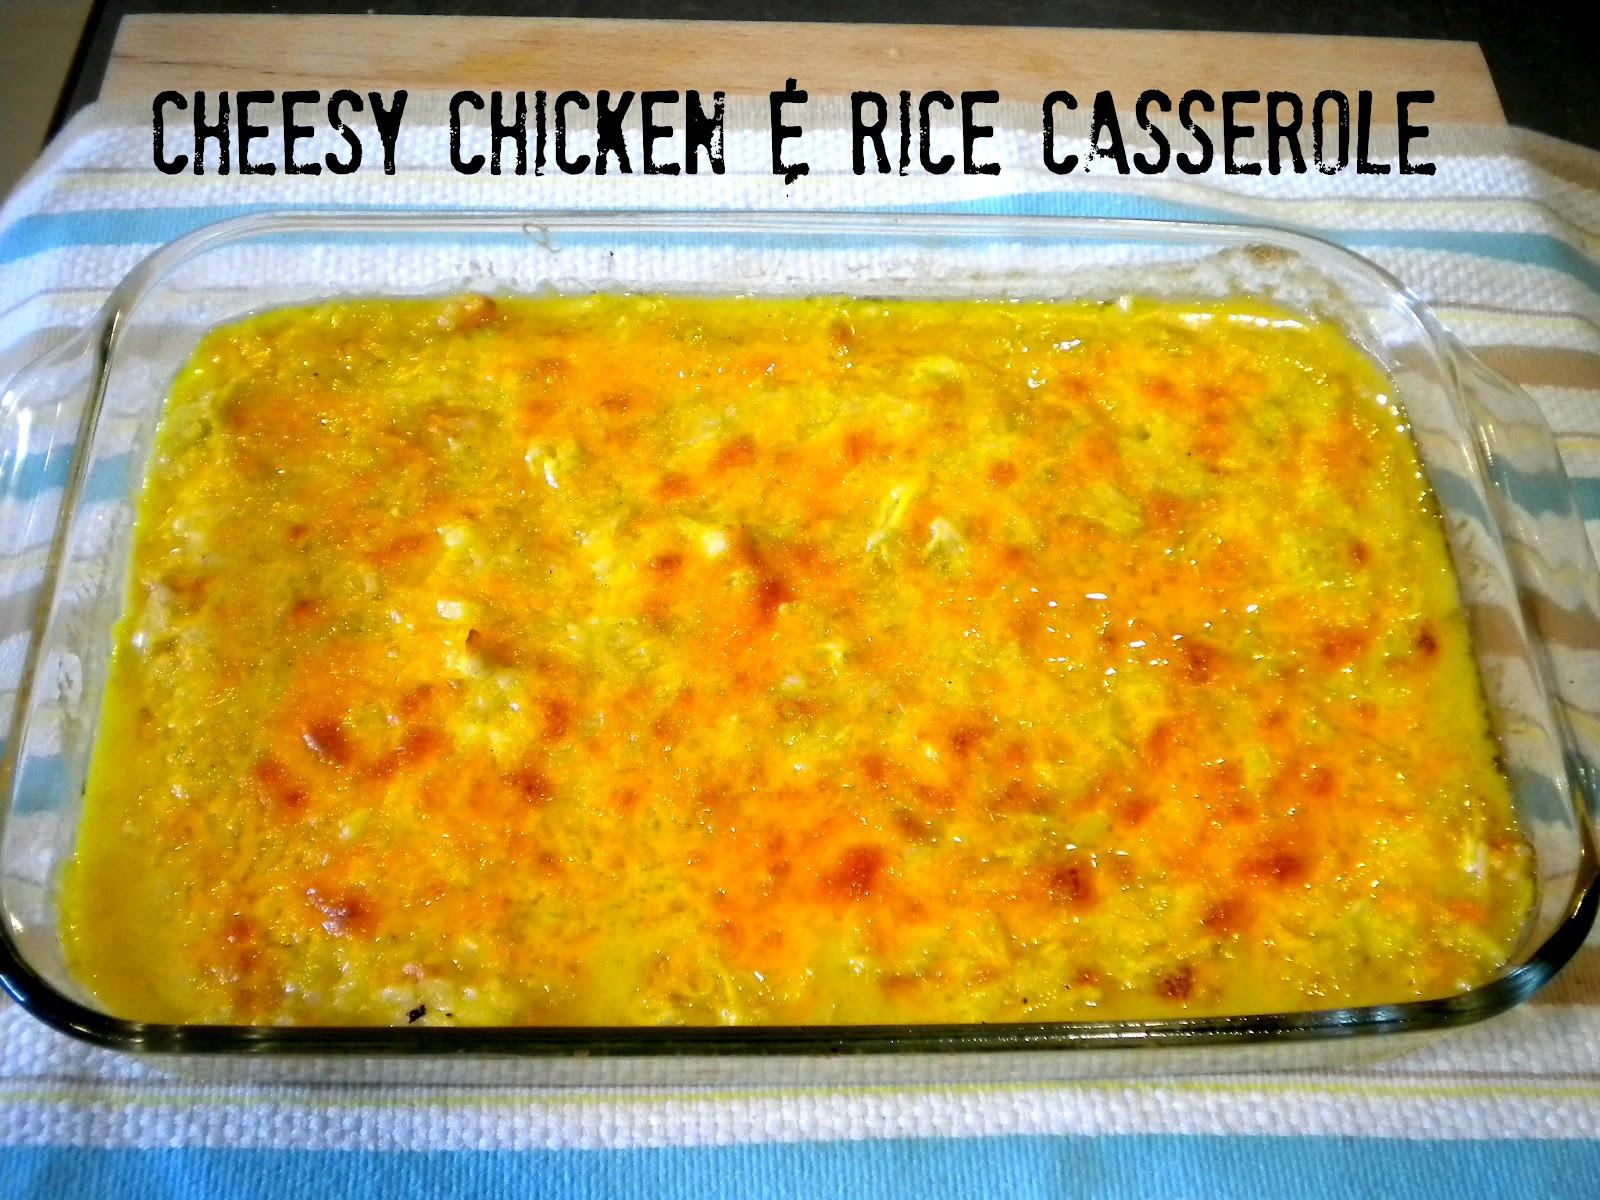 Cheesy Chicken Rice Casserole  Tobins Tastes Cheesy Chicken & Rice Casserole